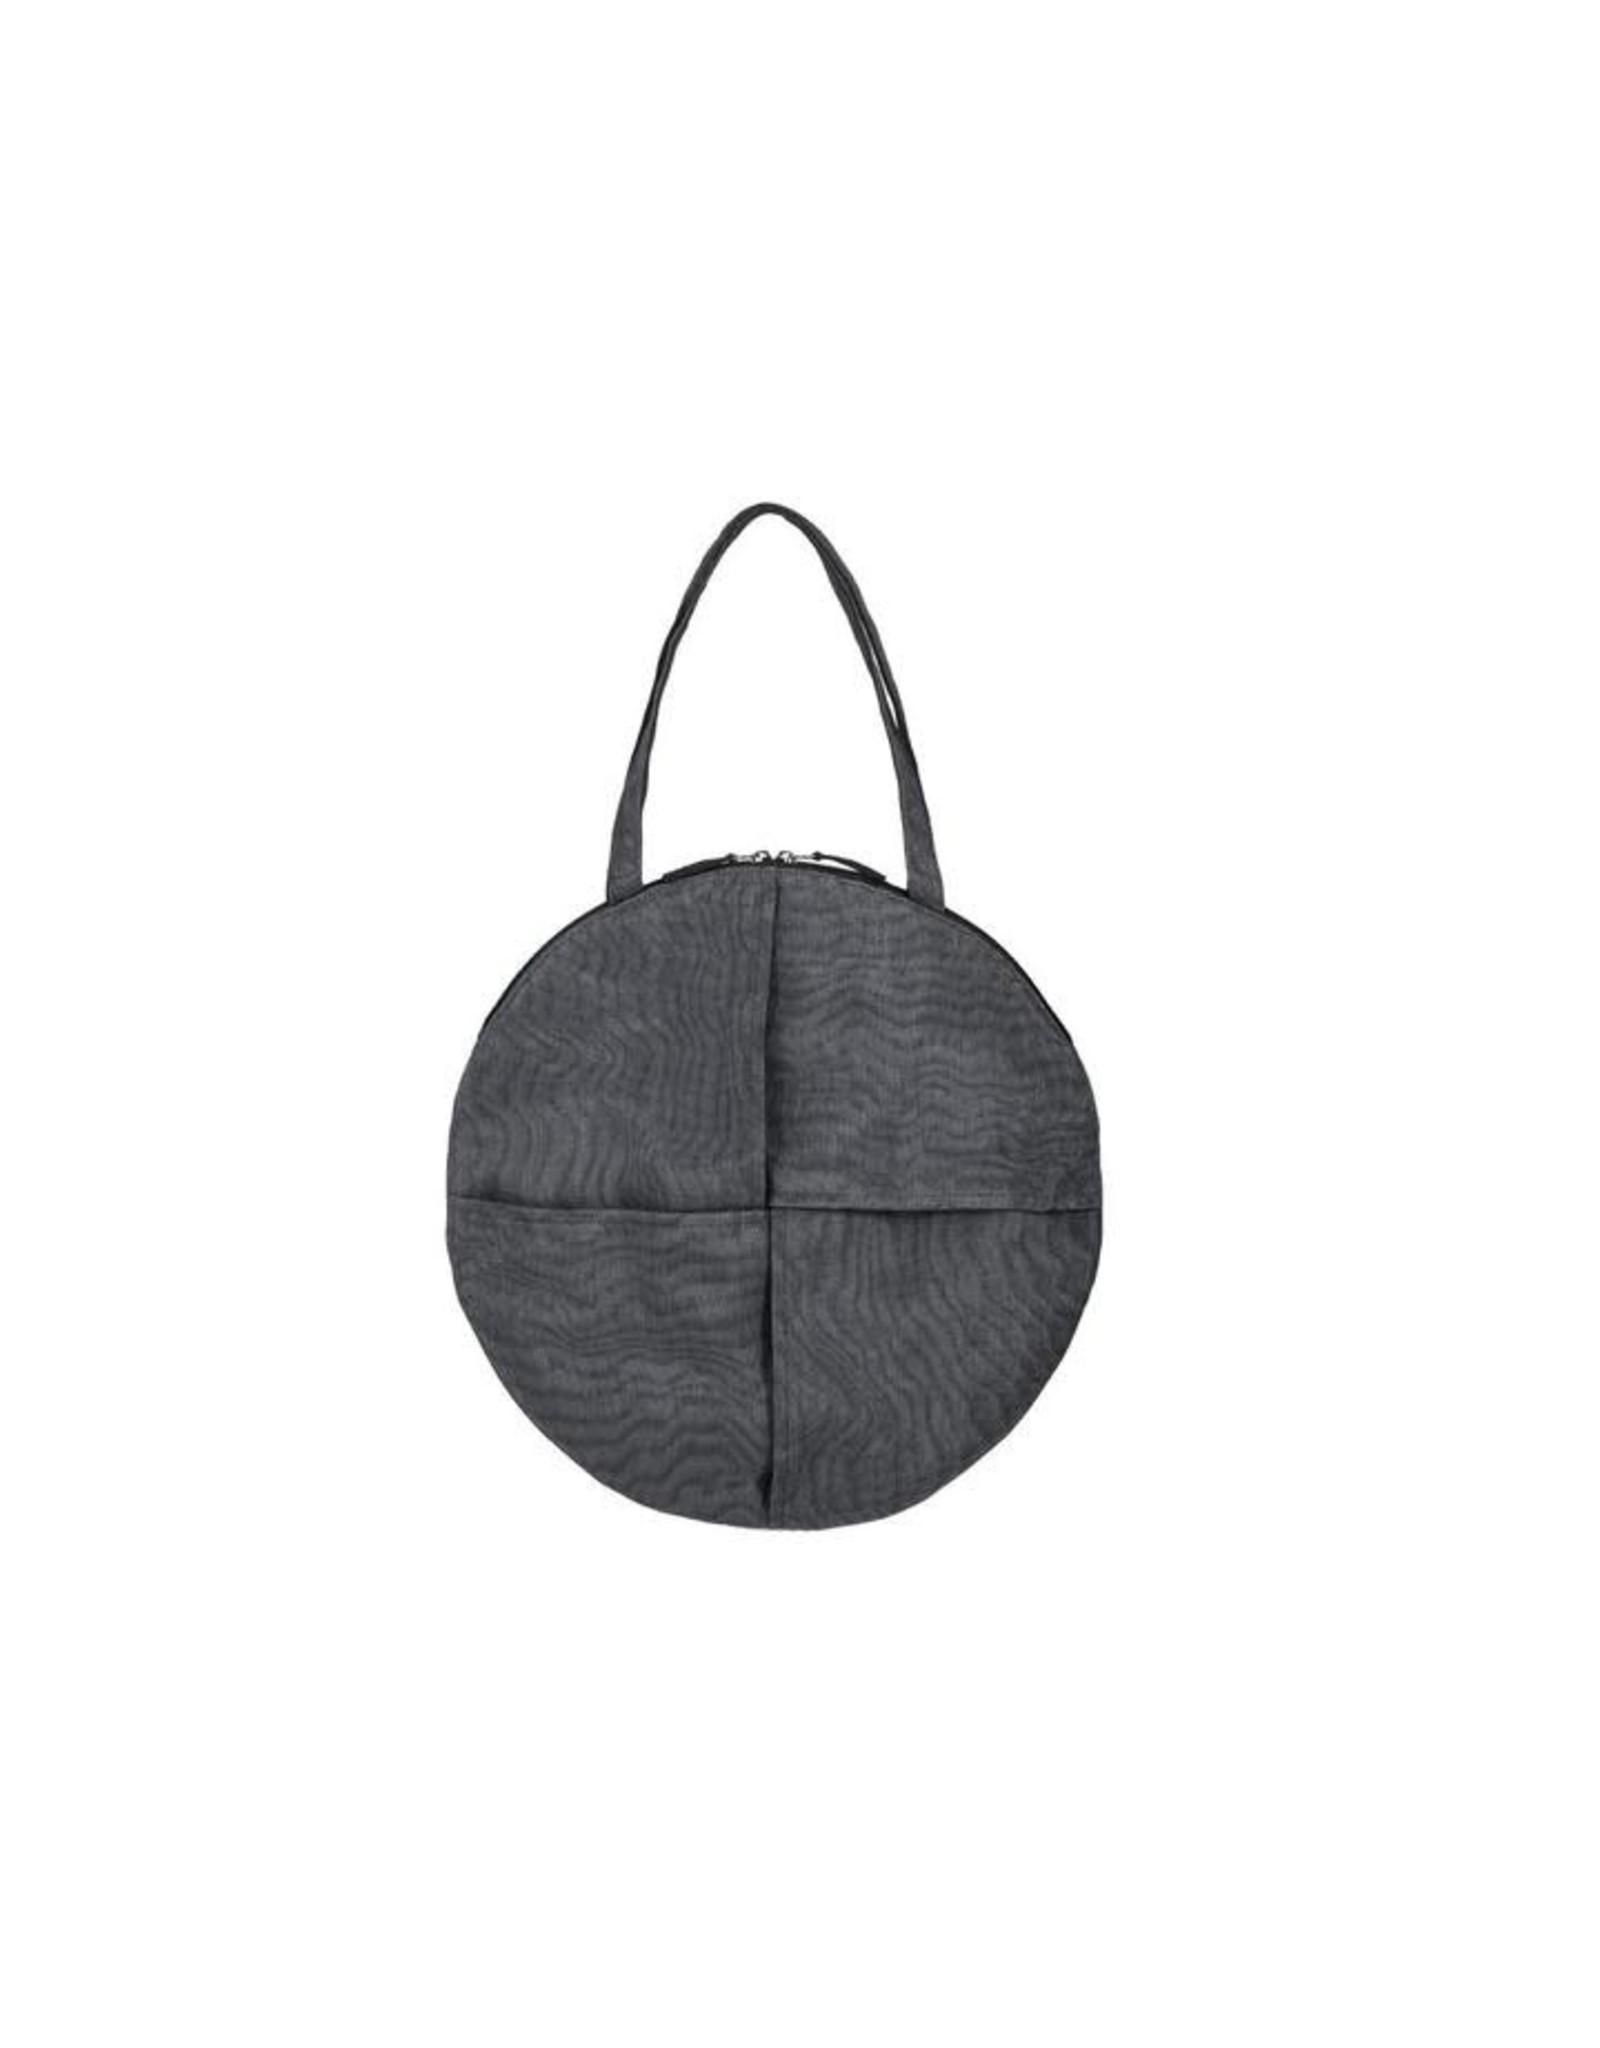 Chanlina CIRCLE Shoulder Bag, Charcoal, Cambodia